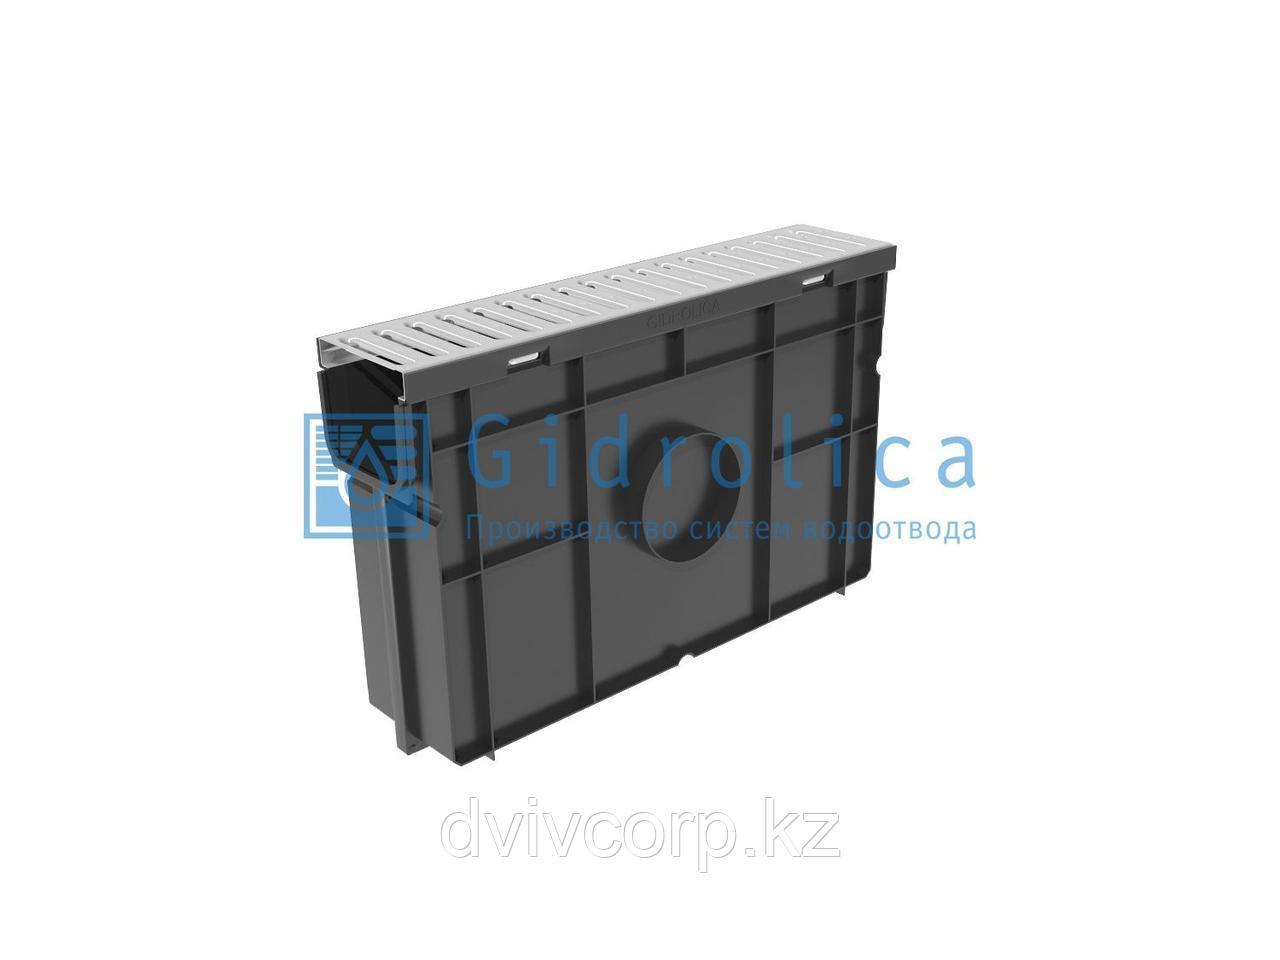 Арт. 08068 Комплект Gidrolica Light: пескоуловитель для пластиковых лотков ПУ 10.11,5.32 - пластиковый с